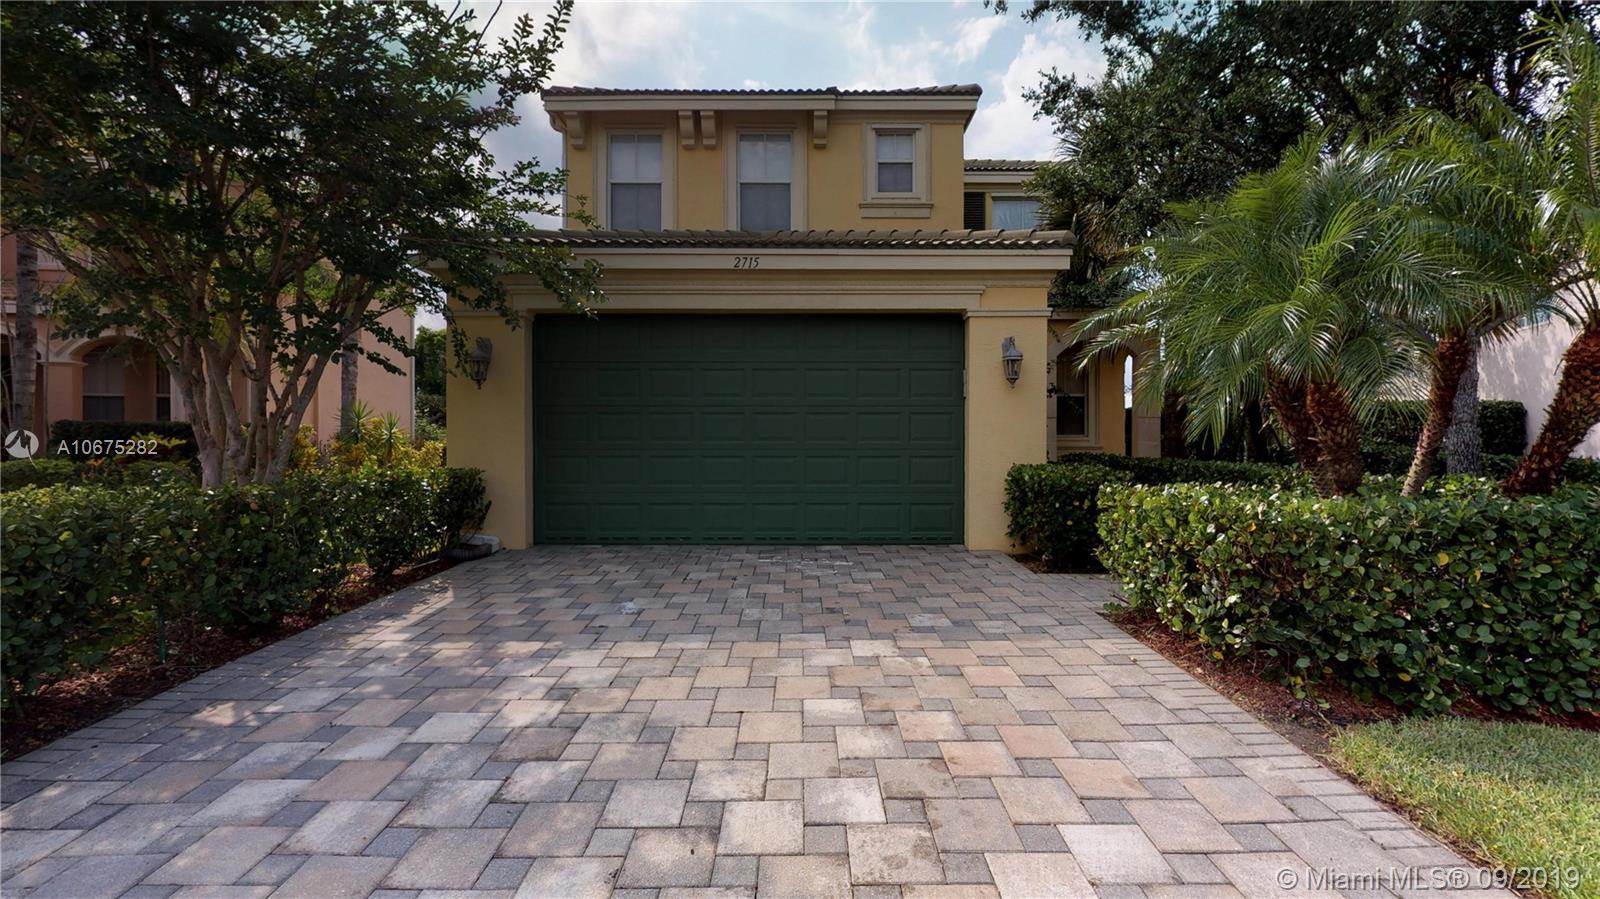 2715 Pienza Cir, Royal Palm Beach, Florida